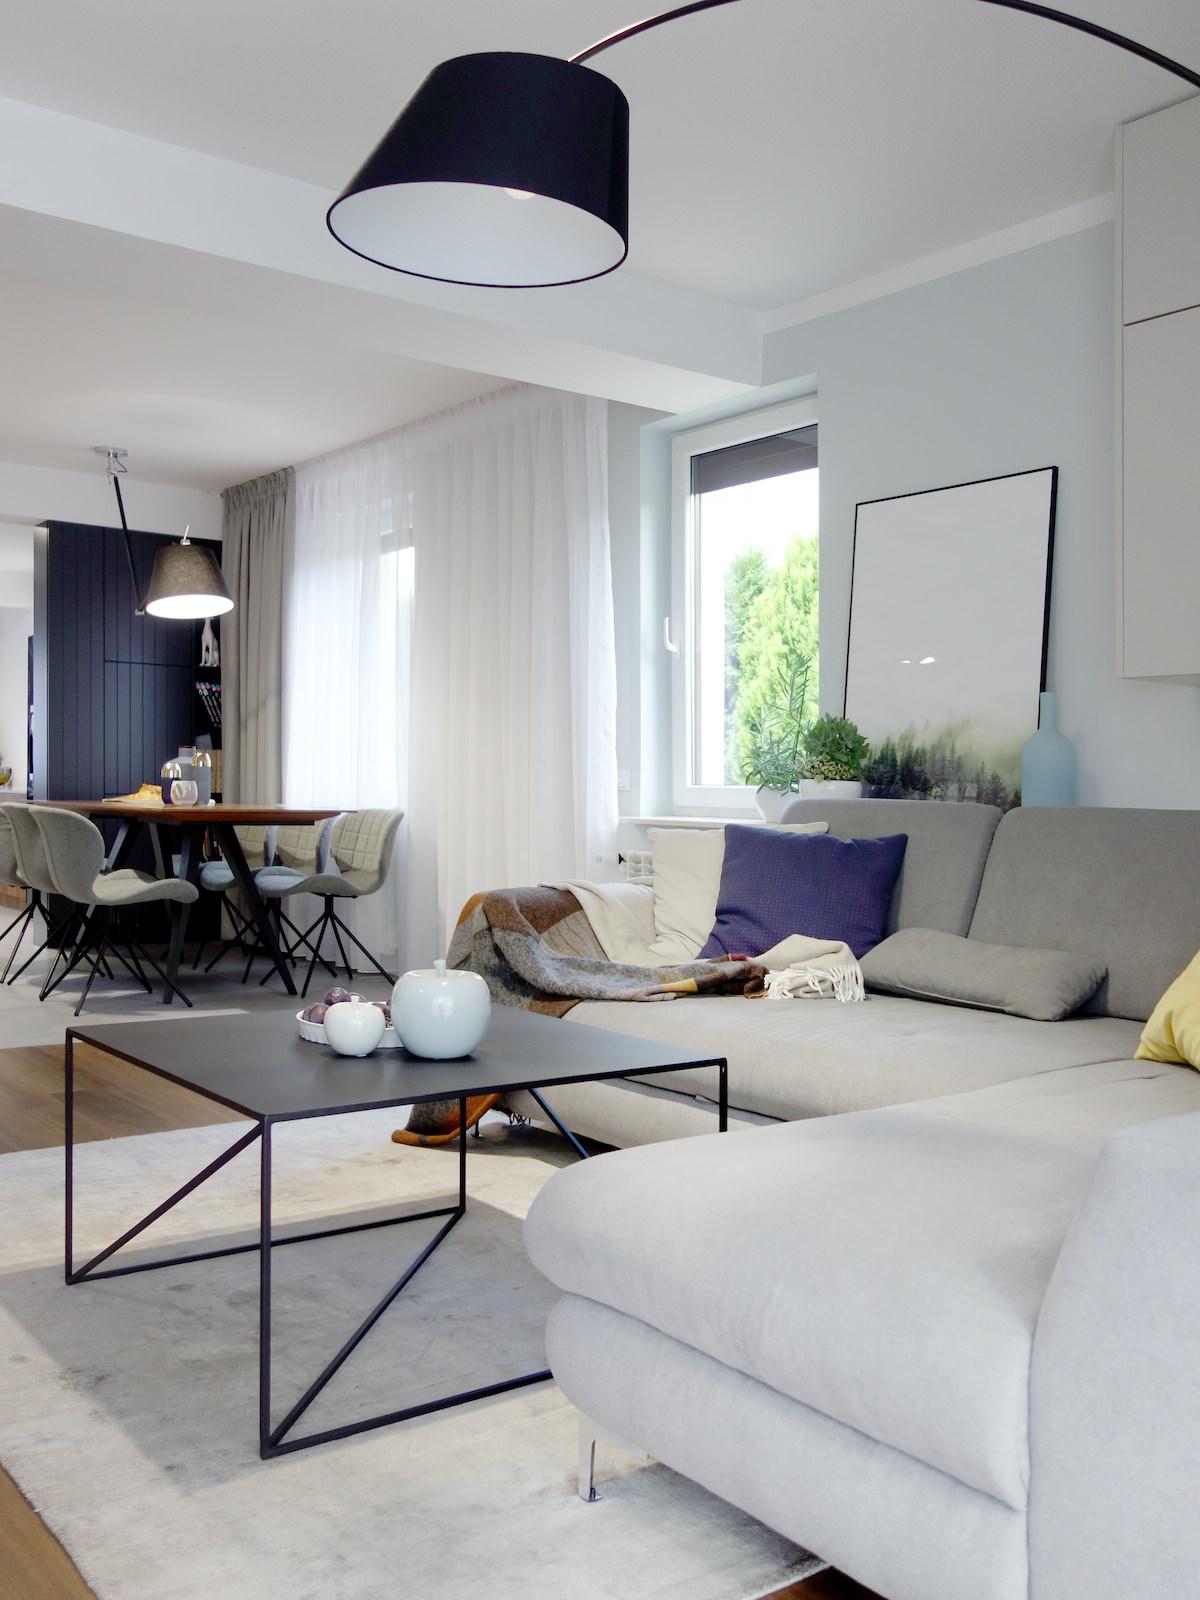 5 projektant wnetrz R056 dom dabrowa gornicza pokoj dzienny szara sofa czarny stolik lampa stojaca